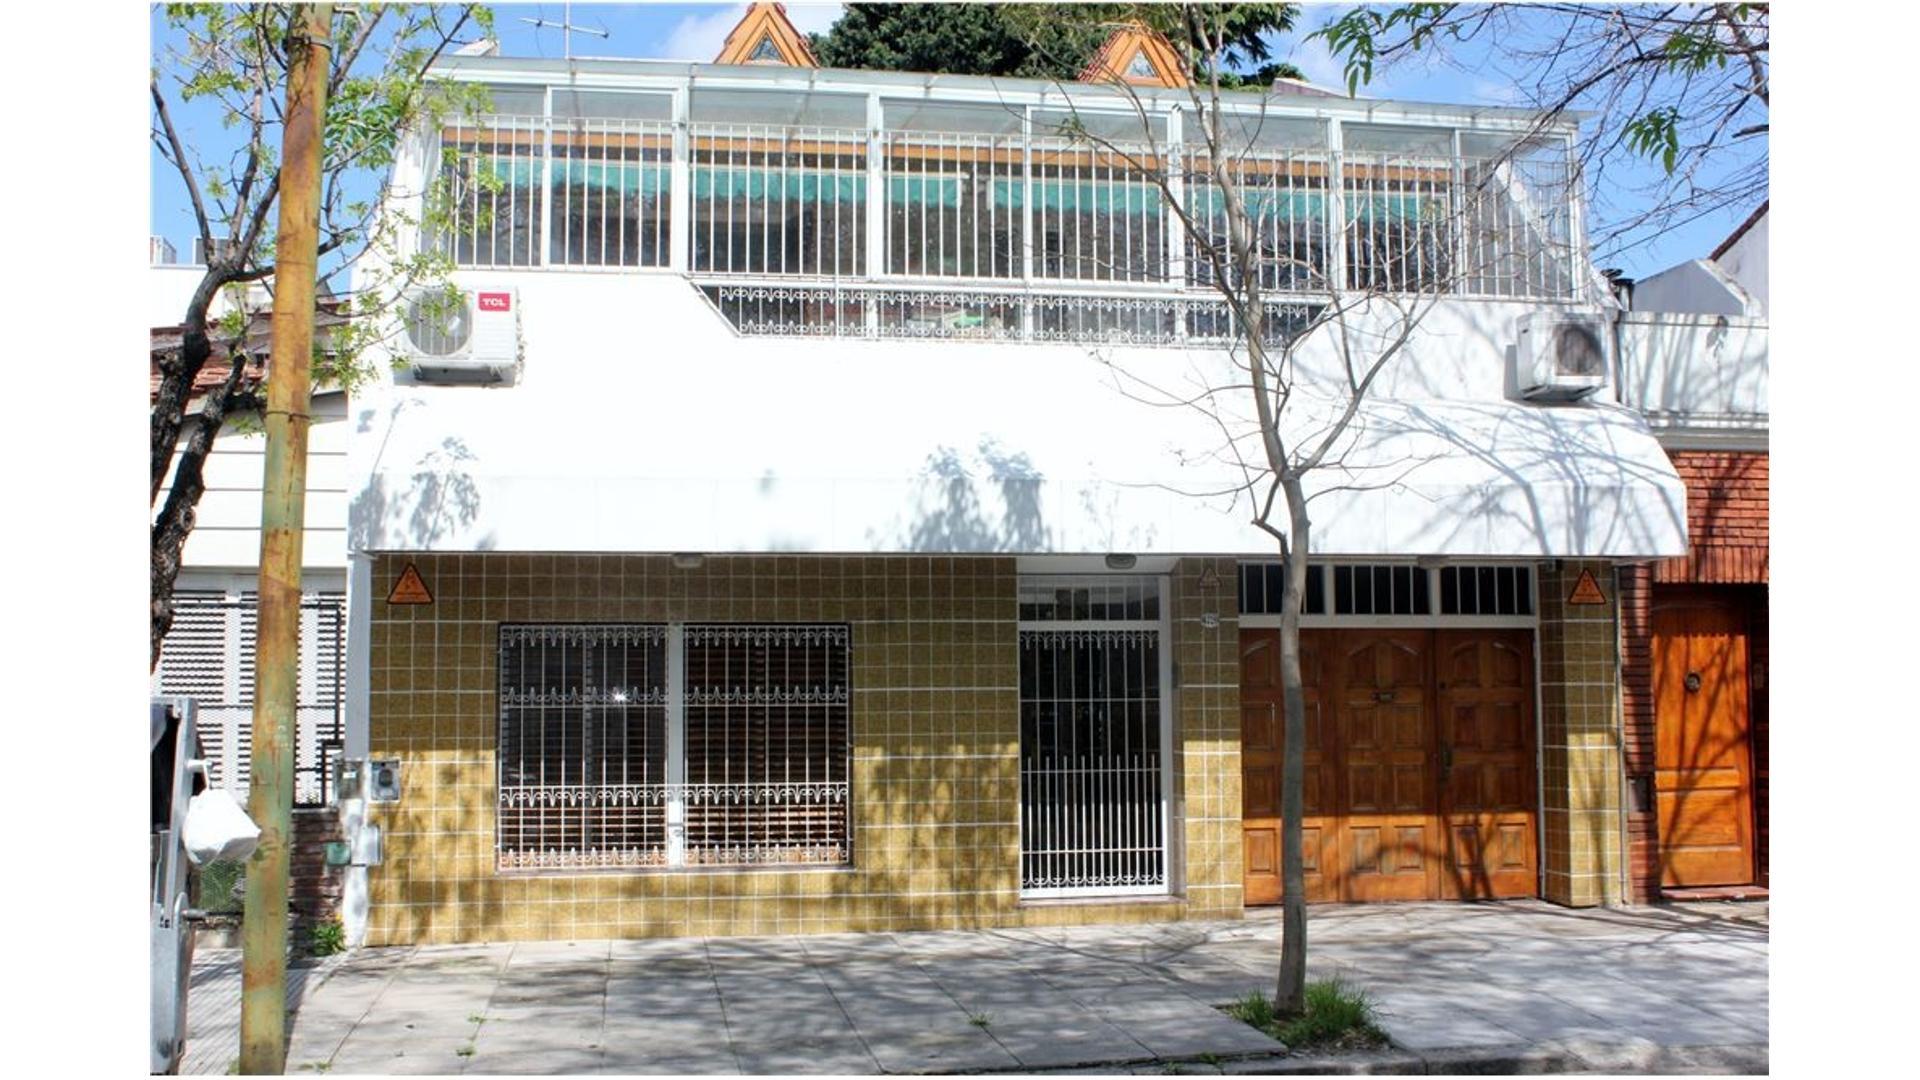 Casa lote propio, 4 dorm, garage,quincho, parrilla